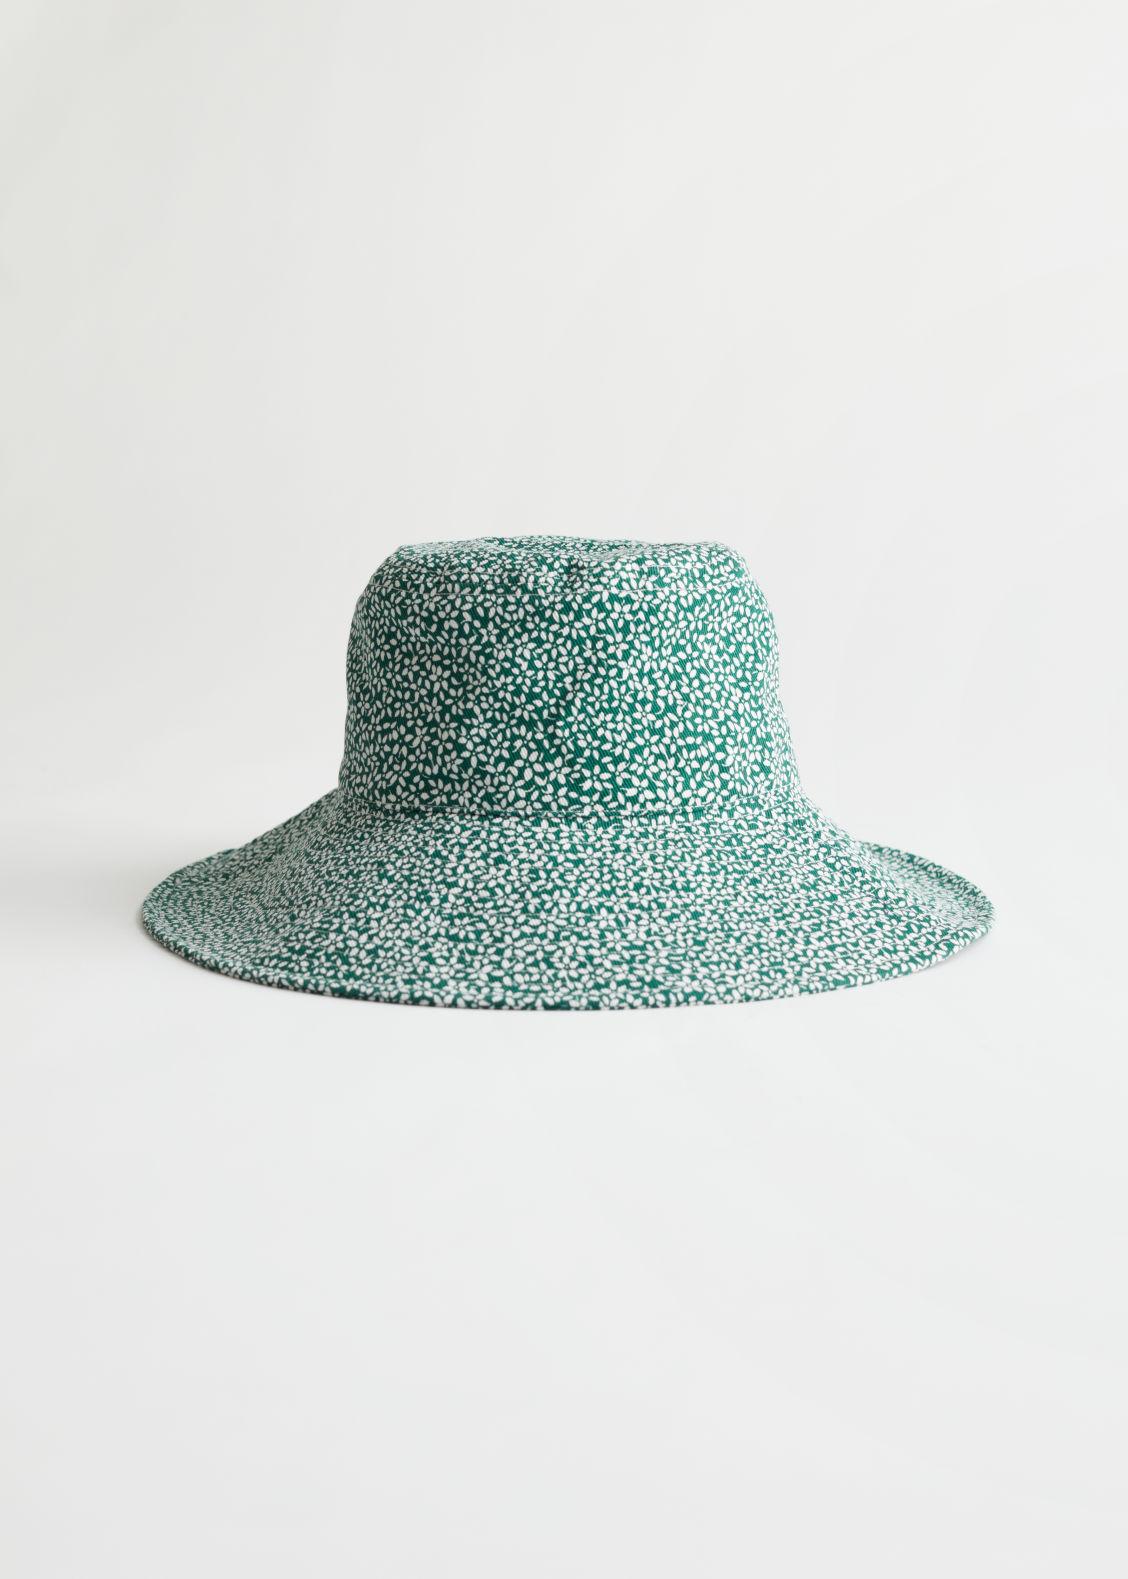 앤 아더 스토리즈 버킷햇 & OTHER STORIES Floral Printed Bucket Hat,Green, White